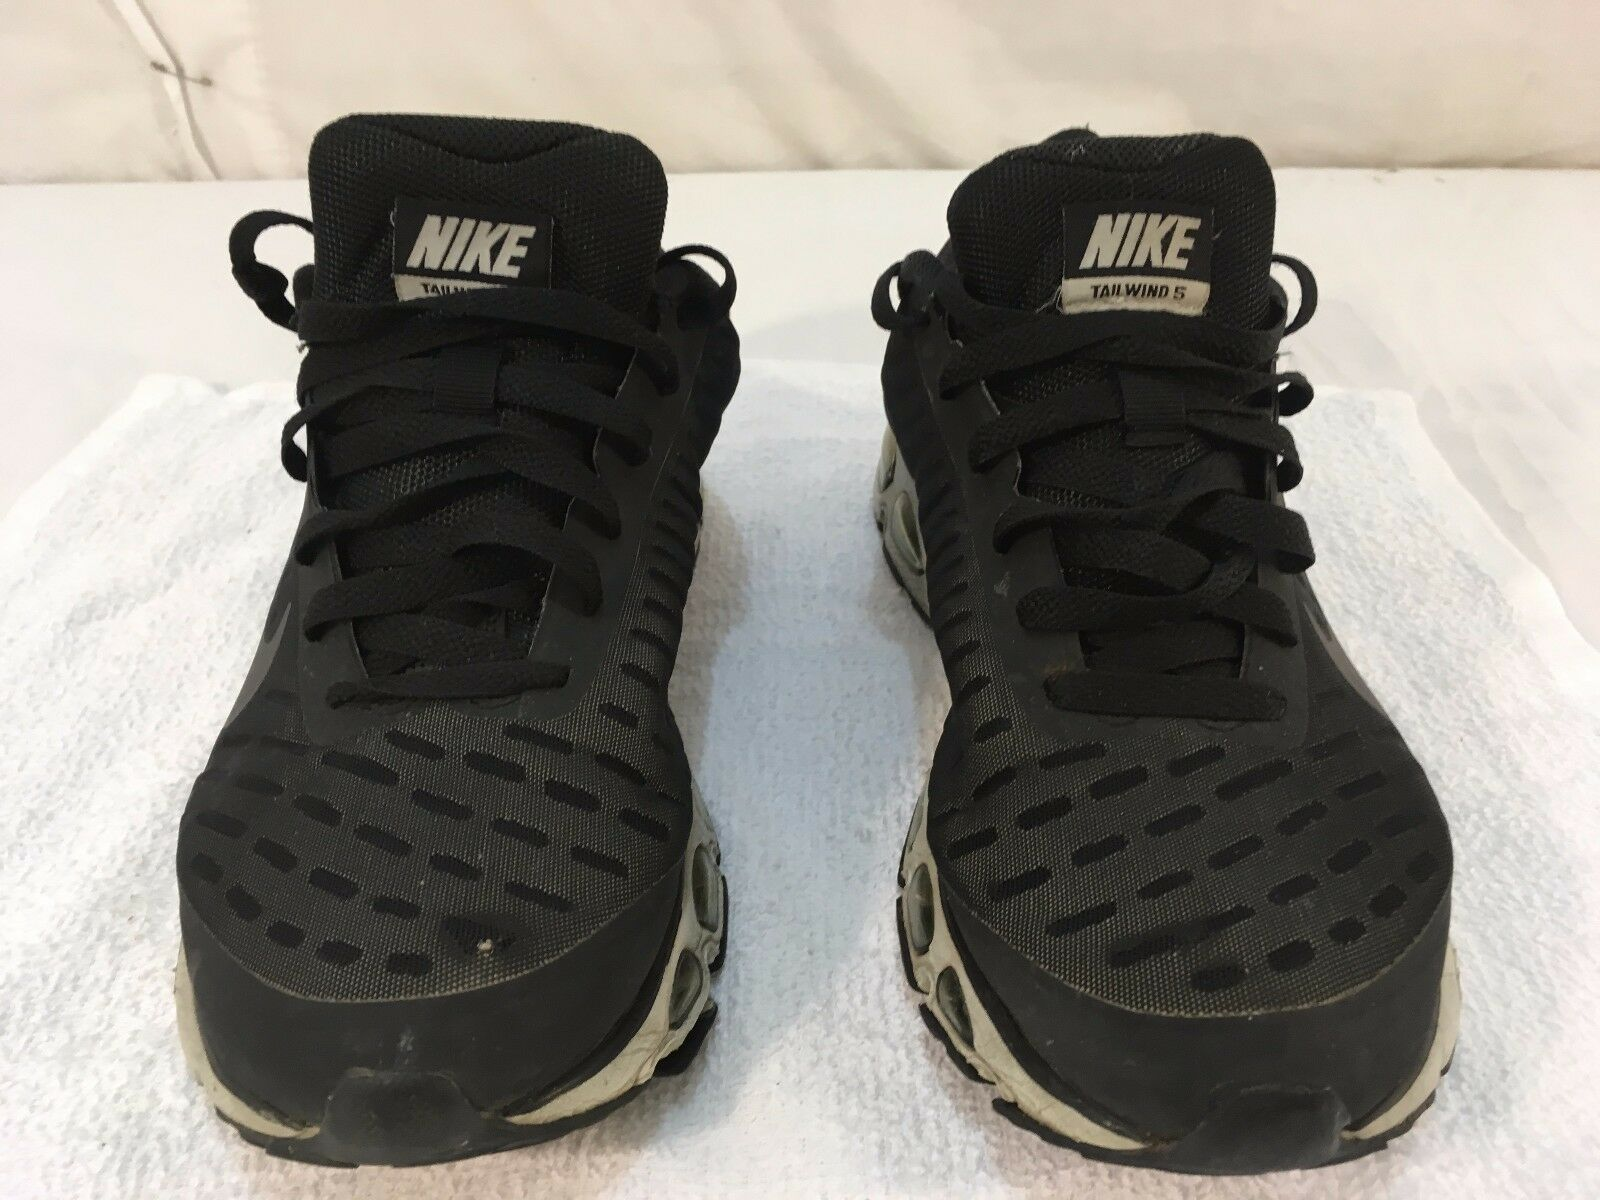 Uomo nike spinta 5 max aria nero cross gray atletico cross nero della scarpa da corsa 6d85c5